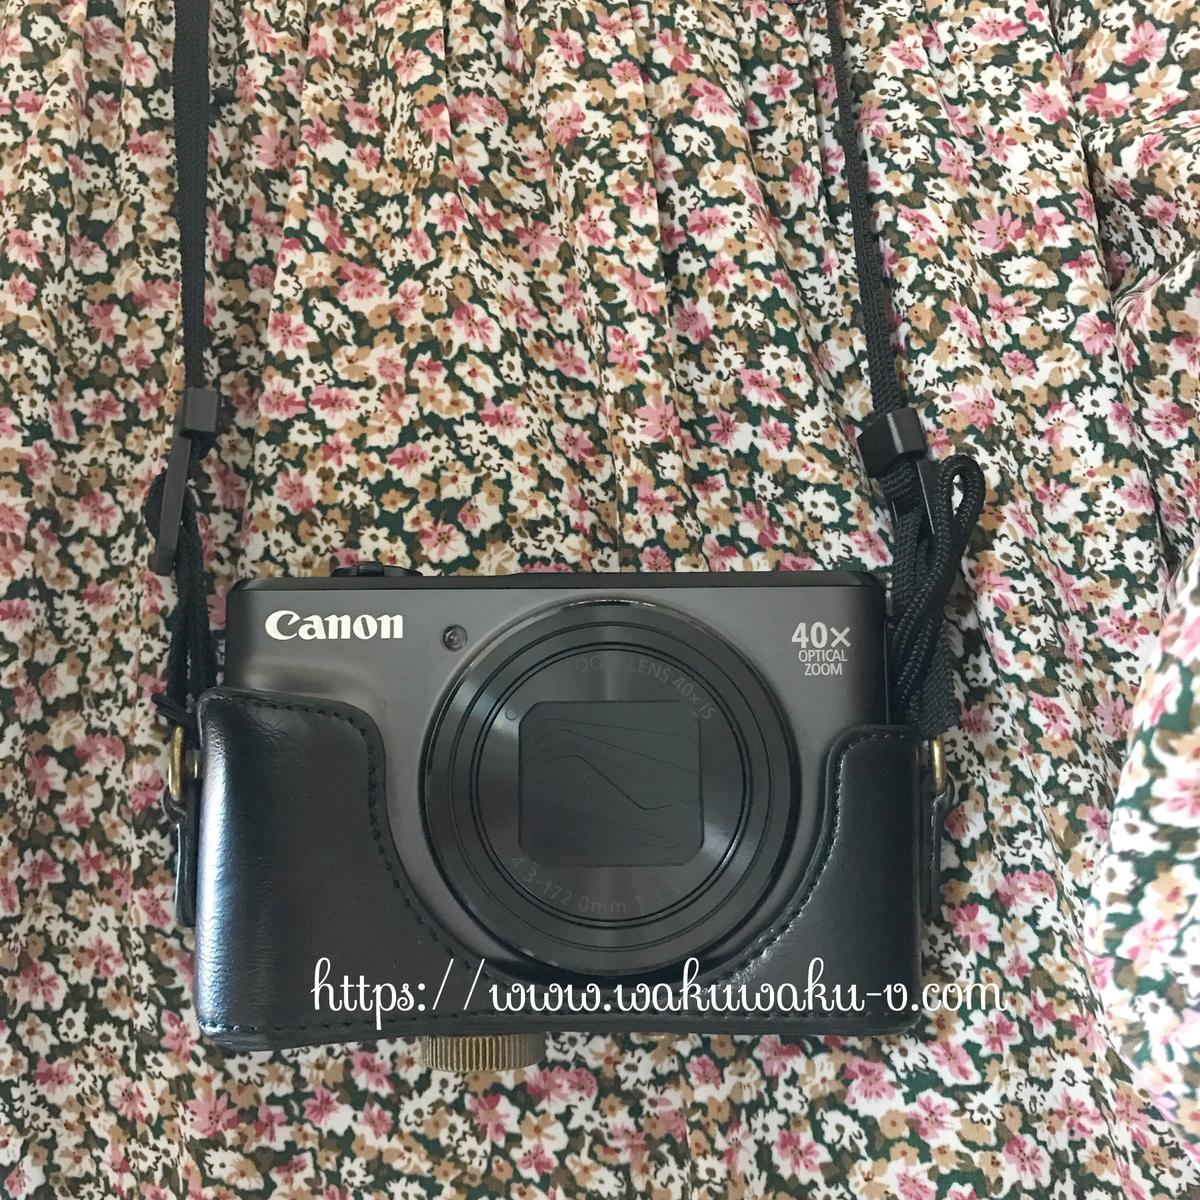 キヤノン SX720 HS 撮影写真 野鳥 おすすめ 口コミ 動画 買った